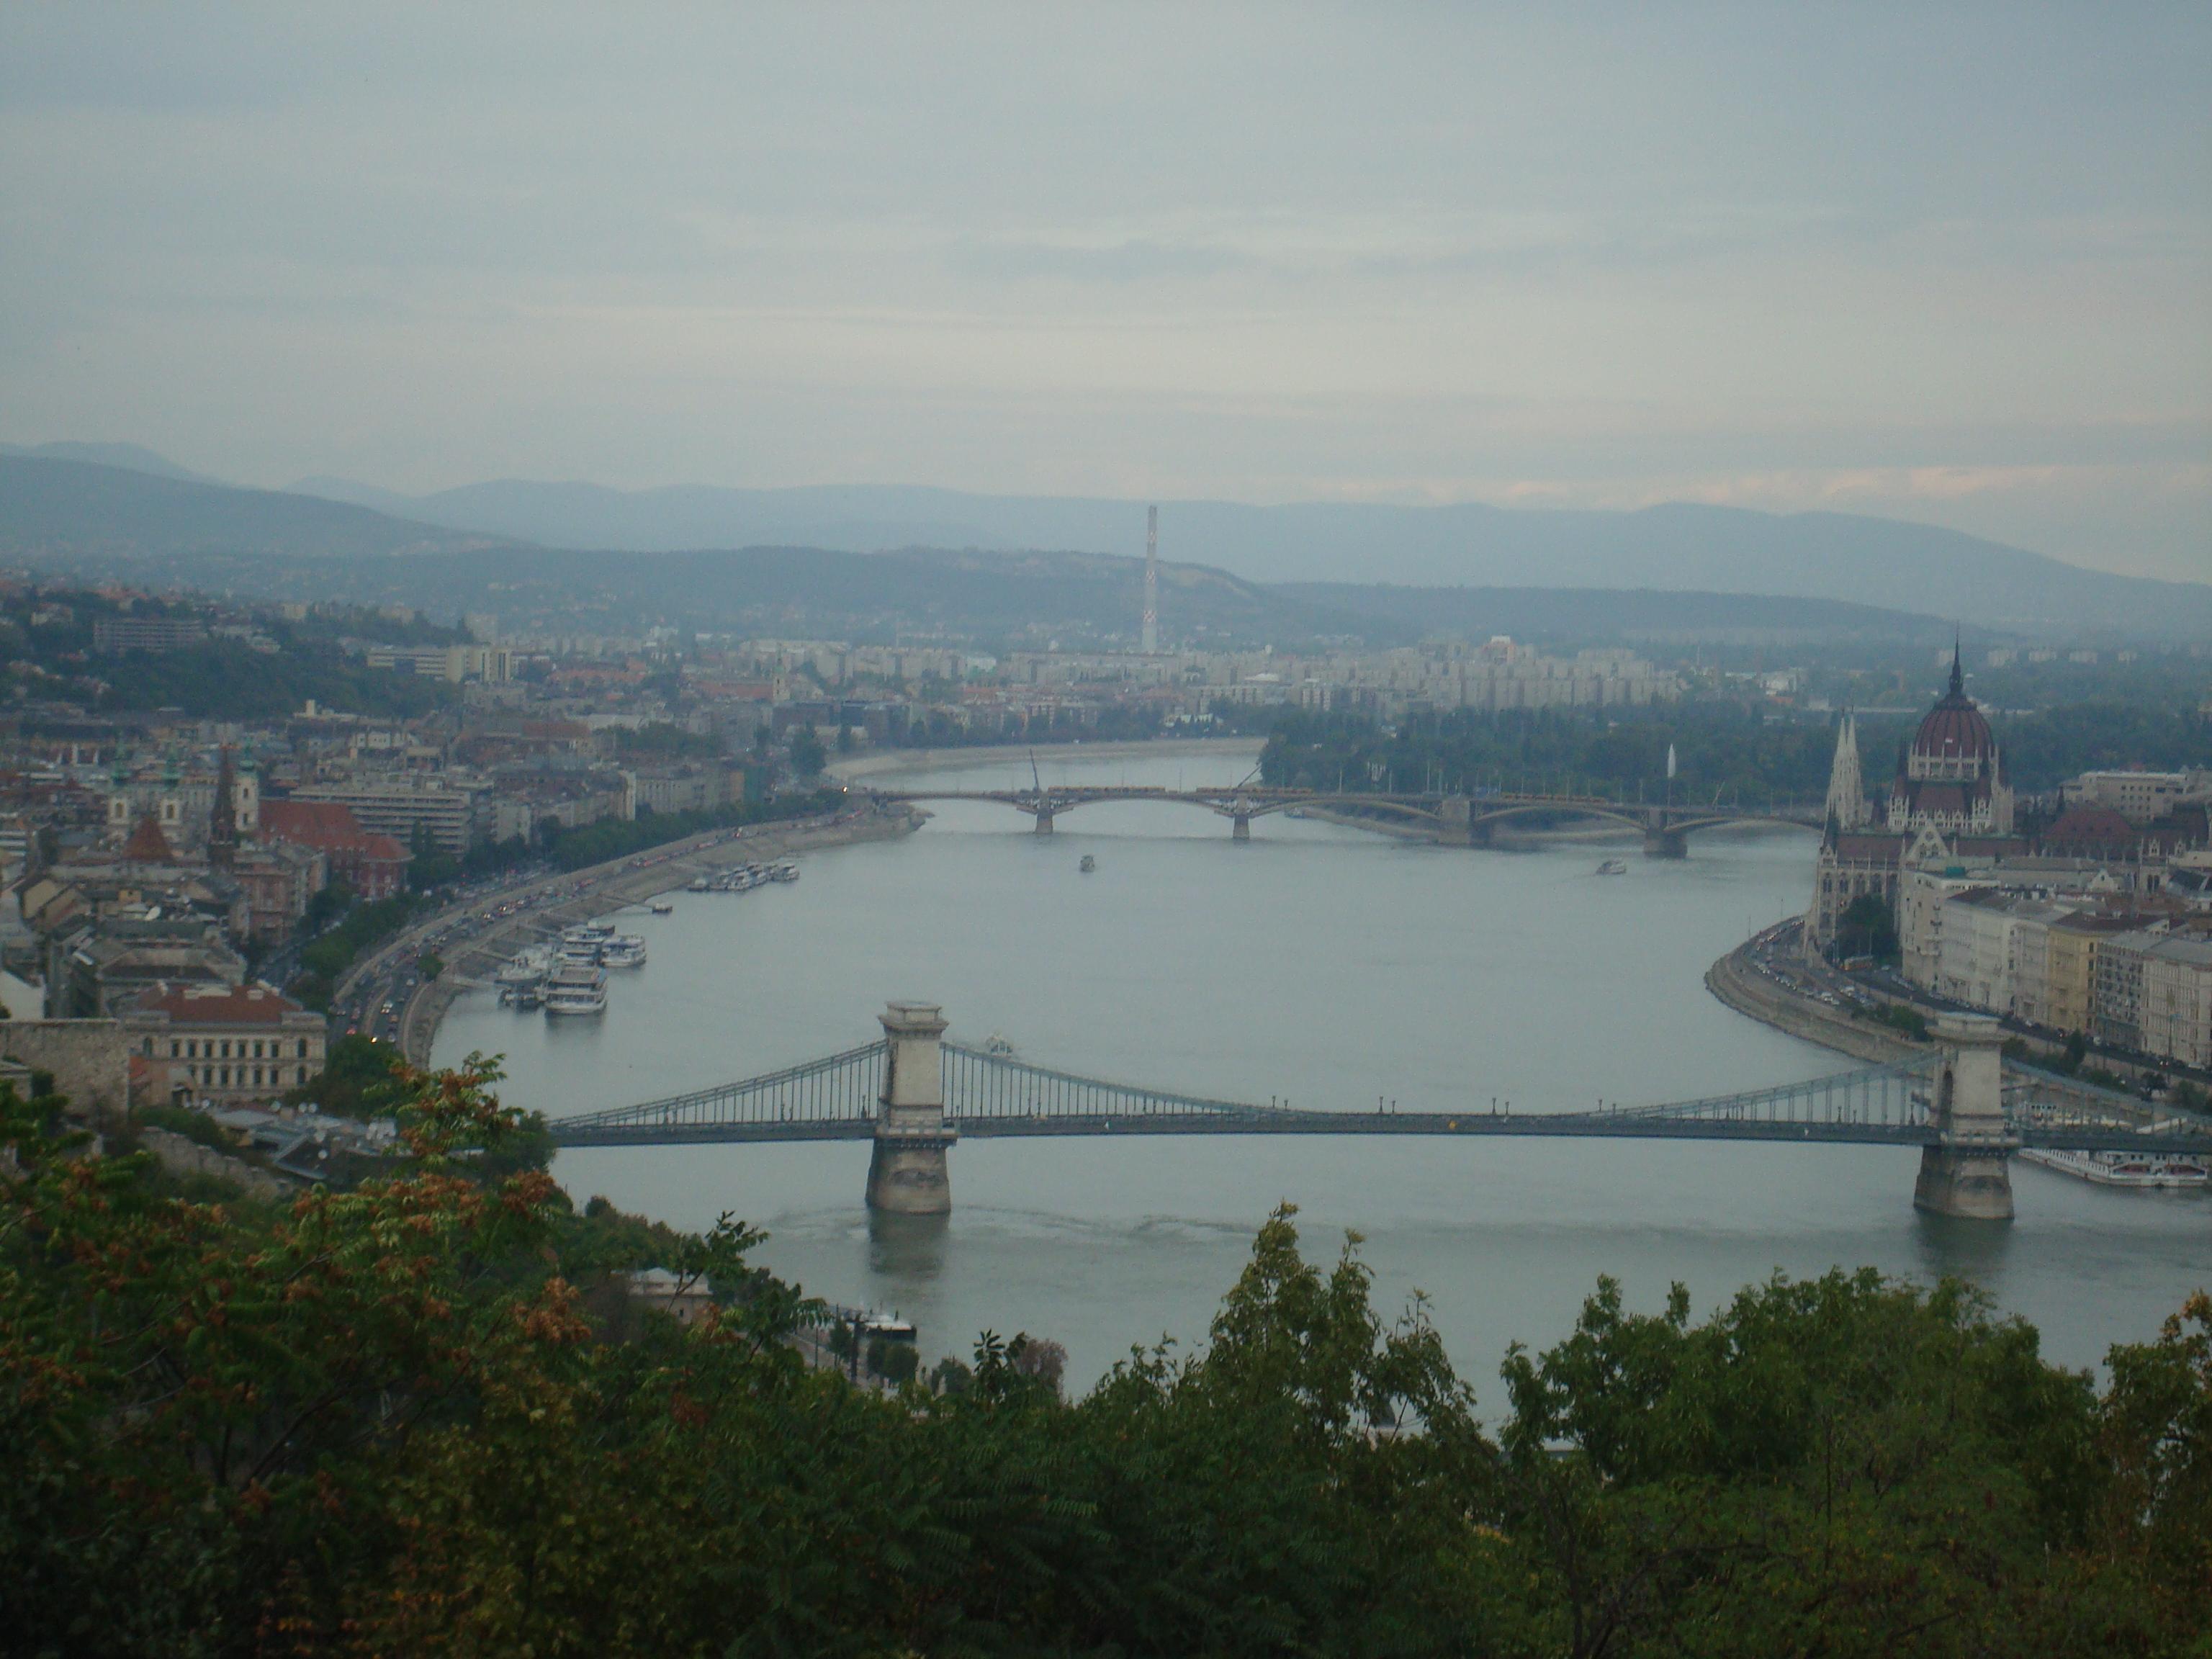 Budapeste rio e pontes